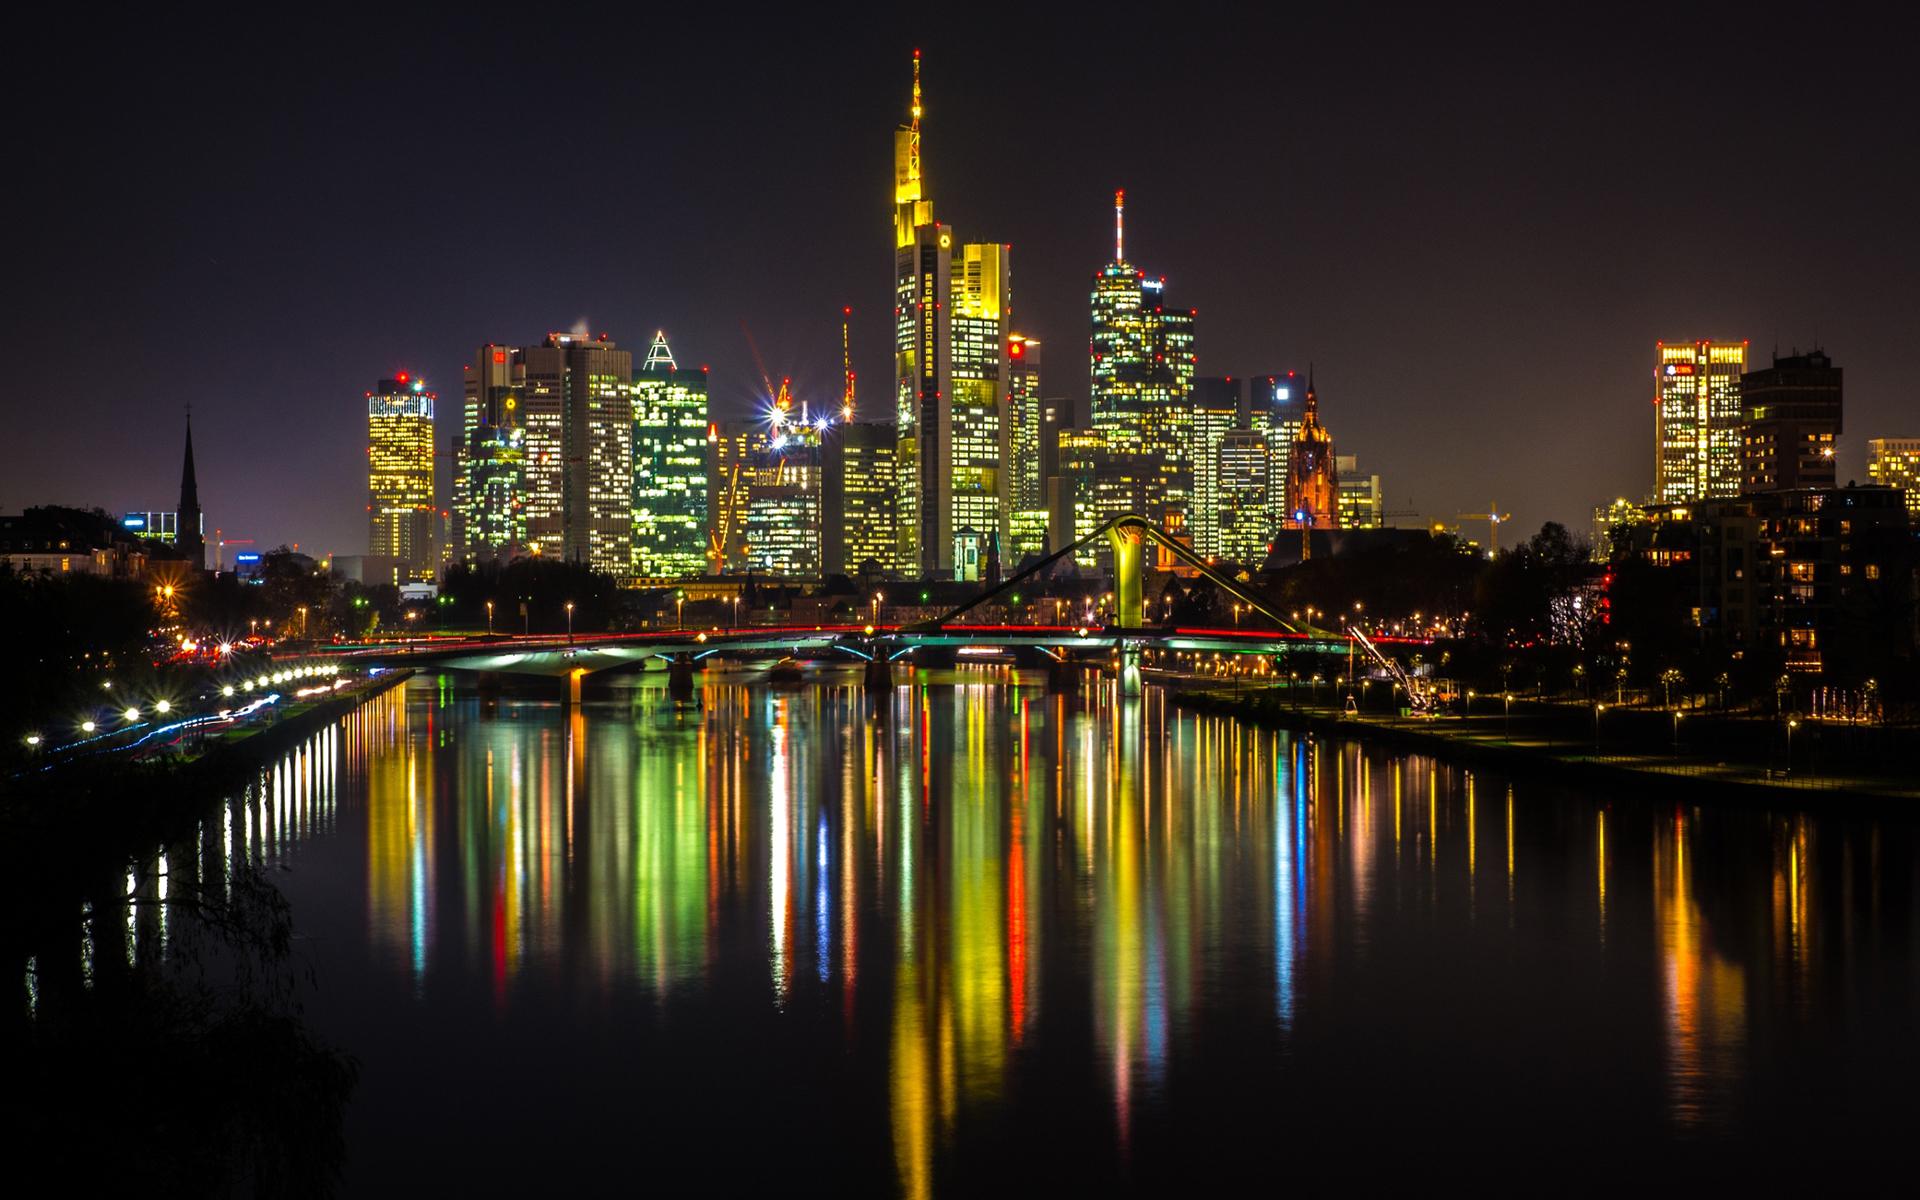 страны архитектура Франкфурт-на-Майне Германия  № 1468121 загрузить